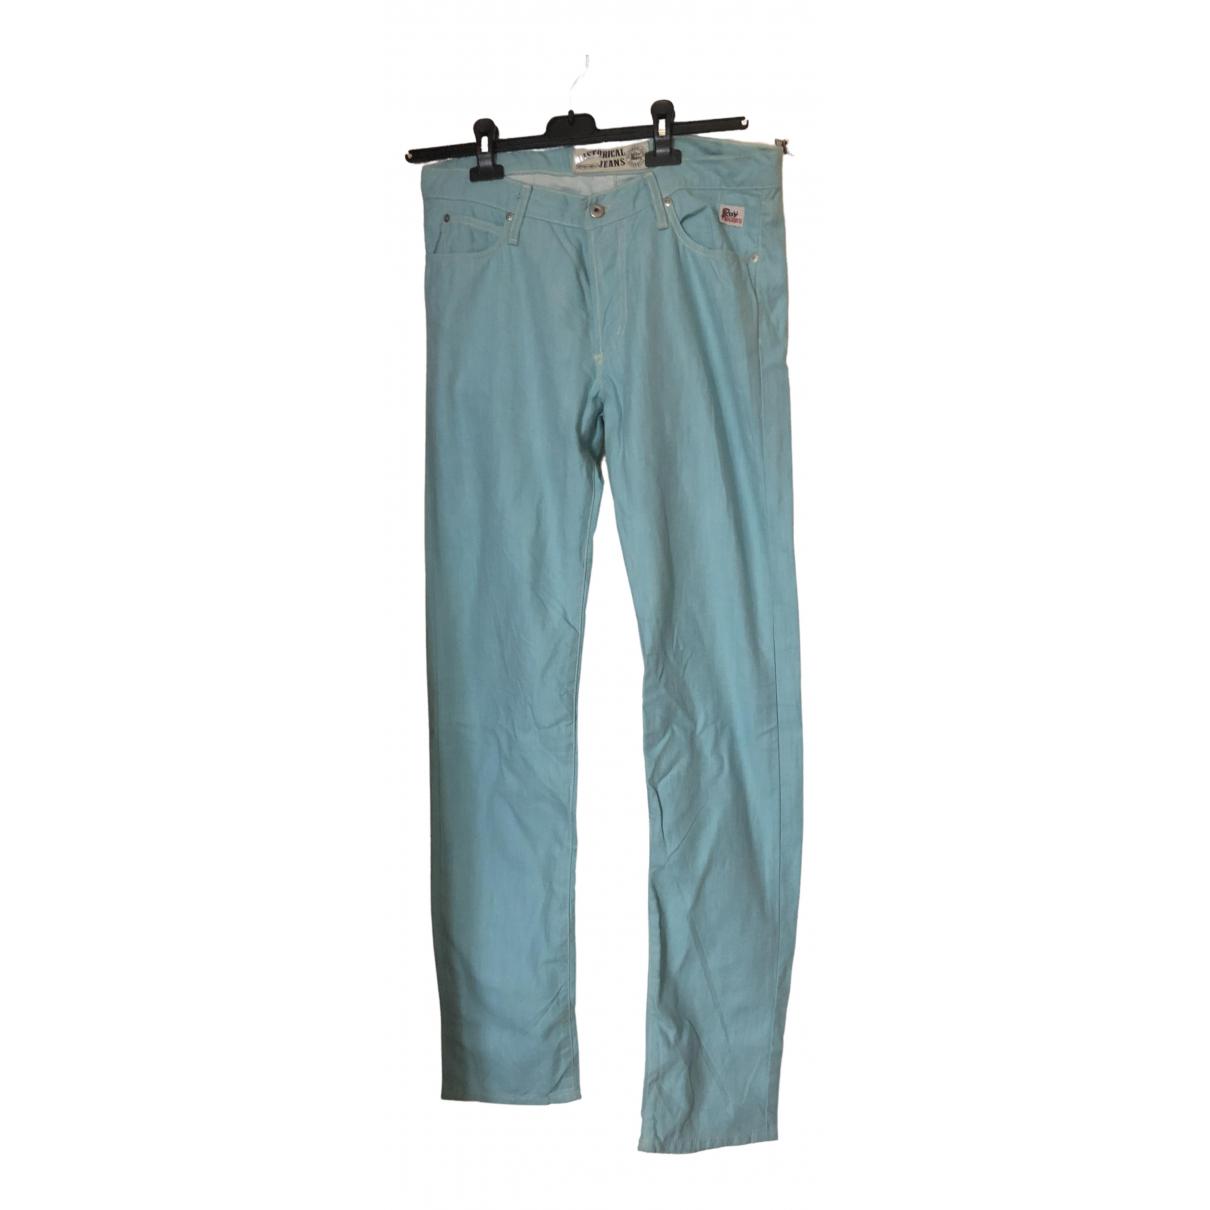 Pantalon en Algodon Turquesa Roy Rogers